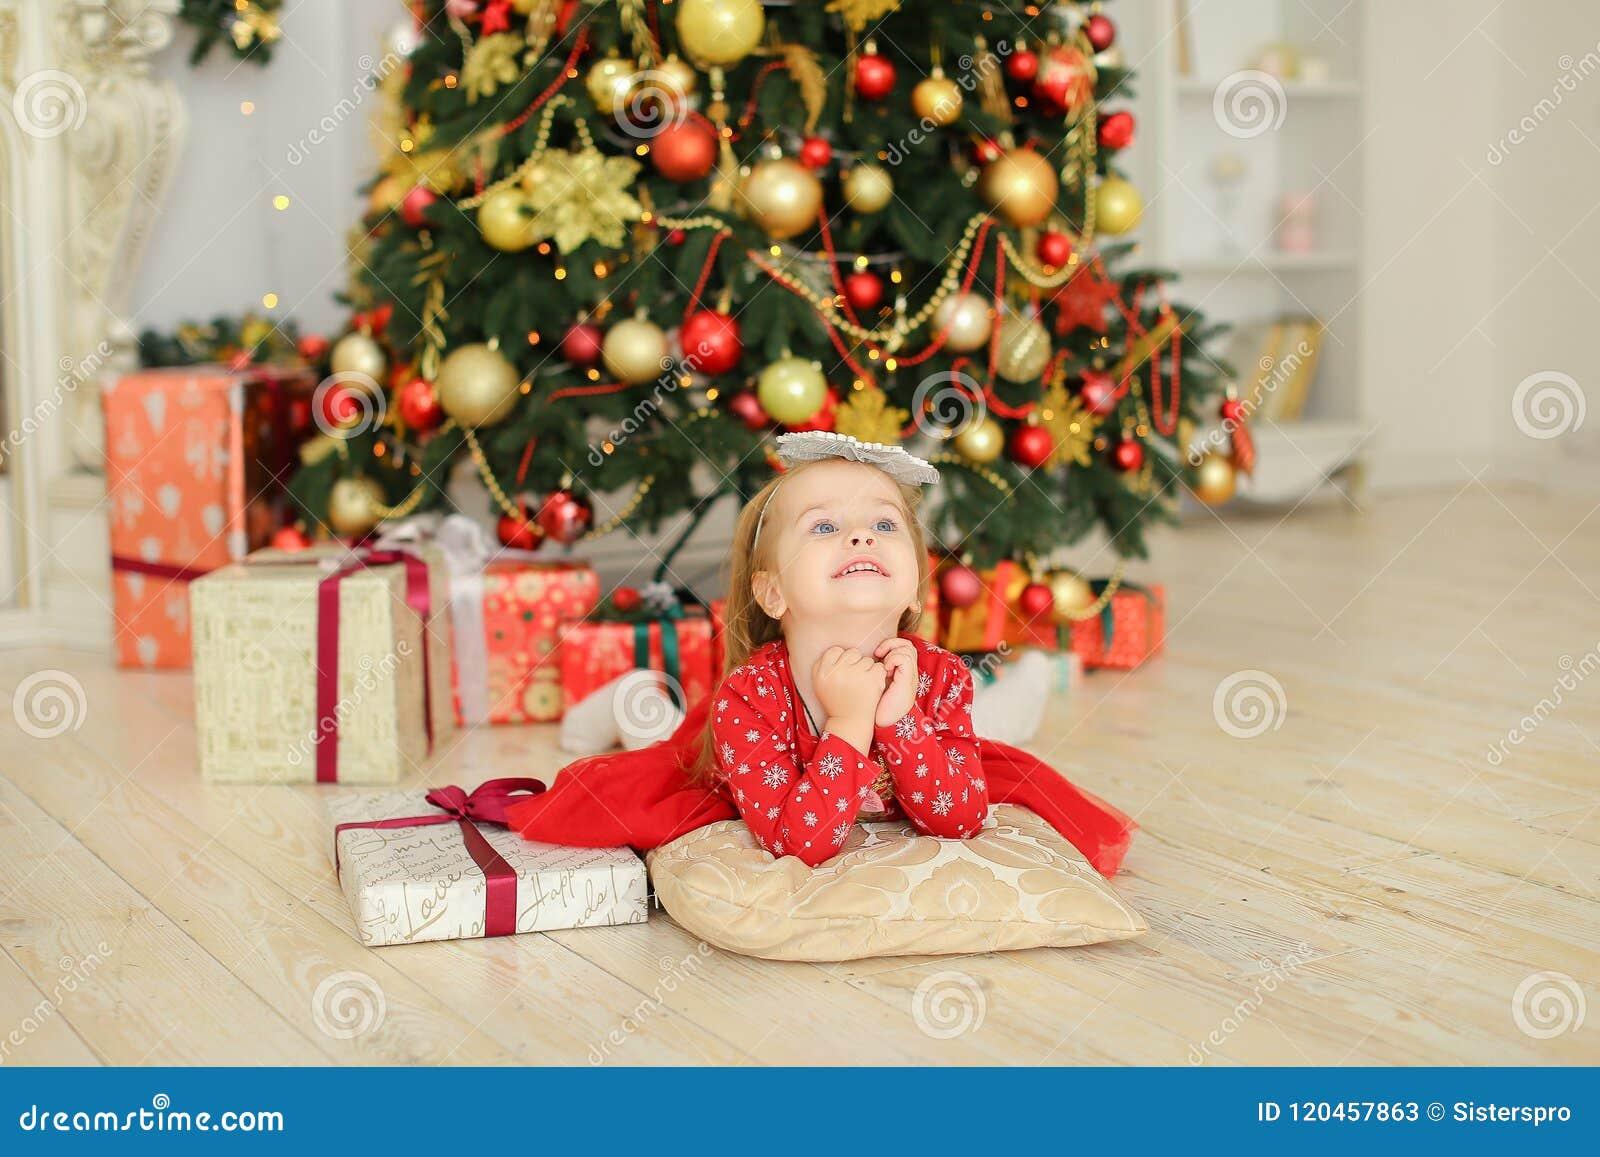 Το μικρό κορίτσι που φορά το κόκκινο φόρεμα που βρίσκεται κοντά στο χριστουγεννιάτικο δέντρο και παρουσιάζει